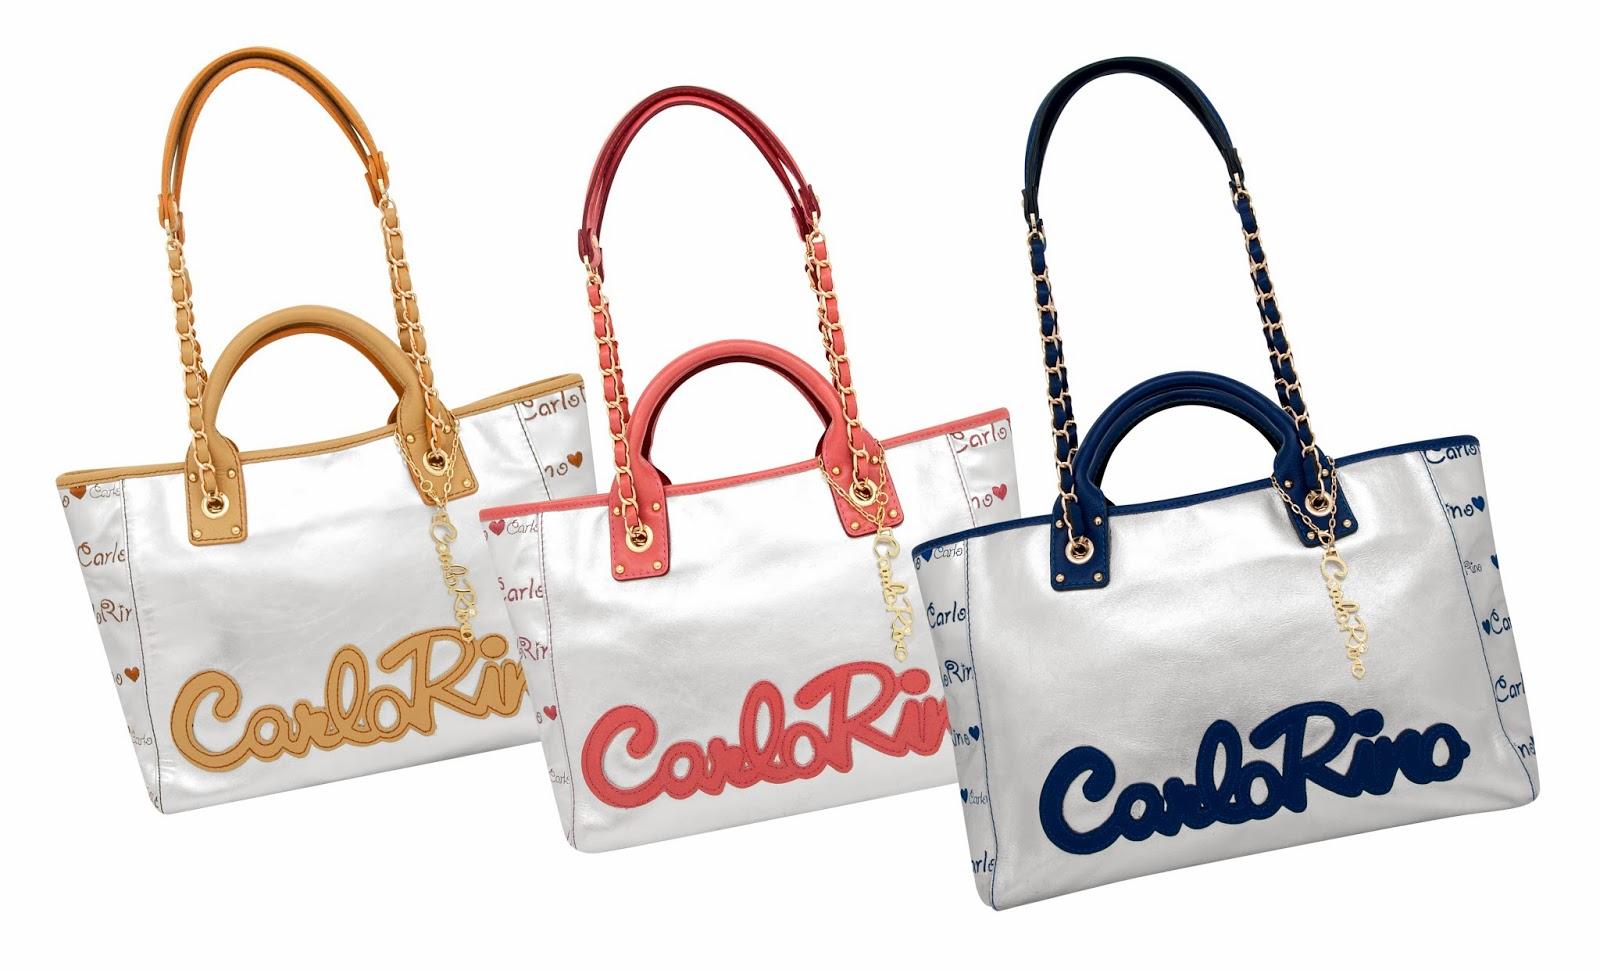 Carlo Rino 2017 Handbags Collection